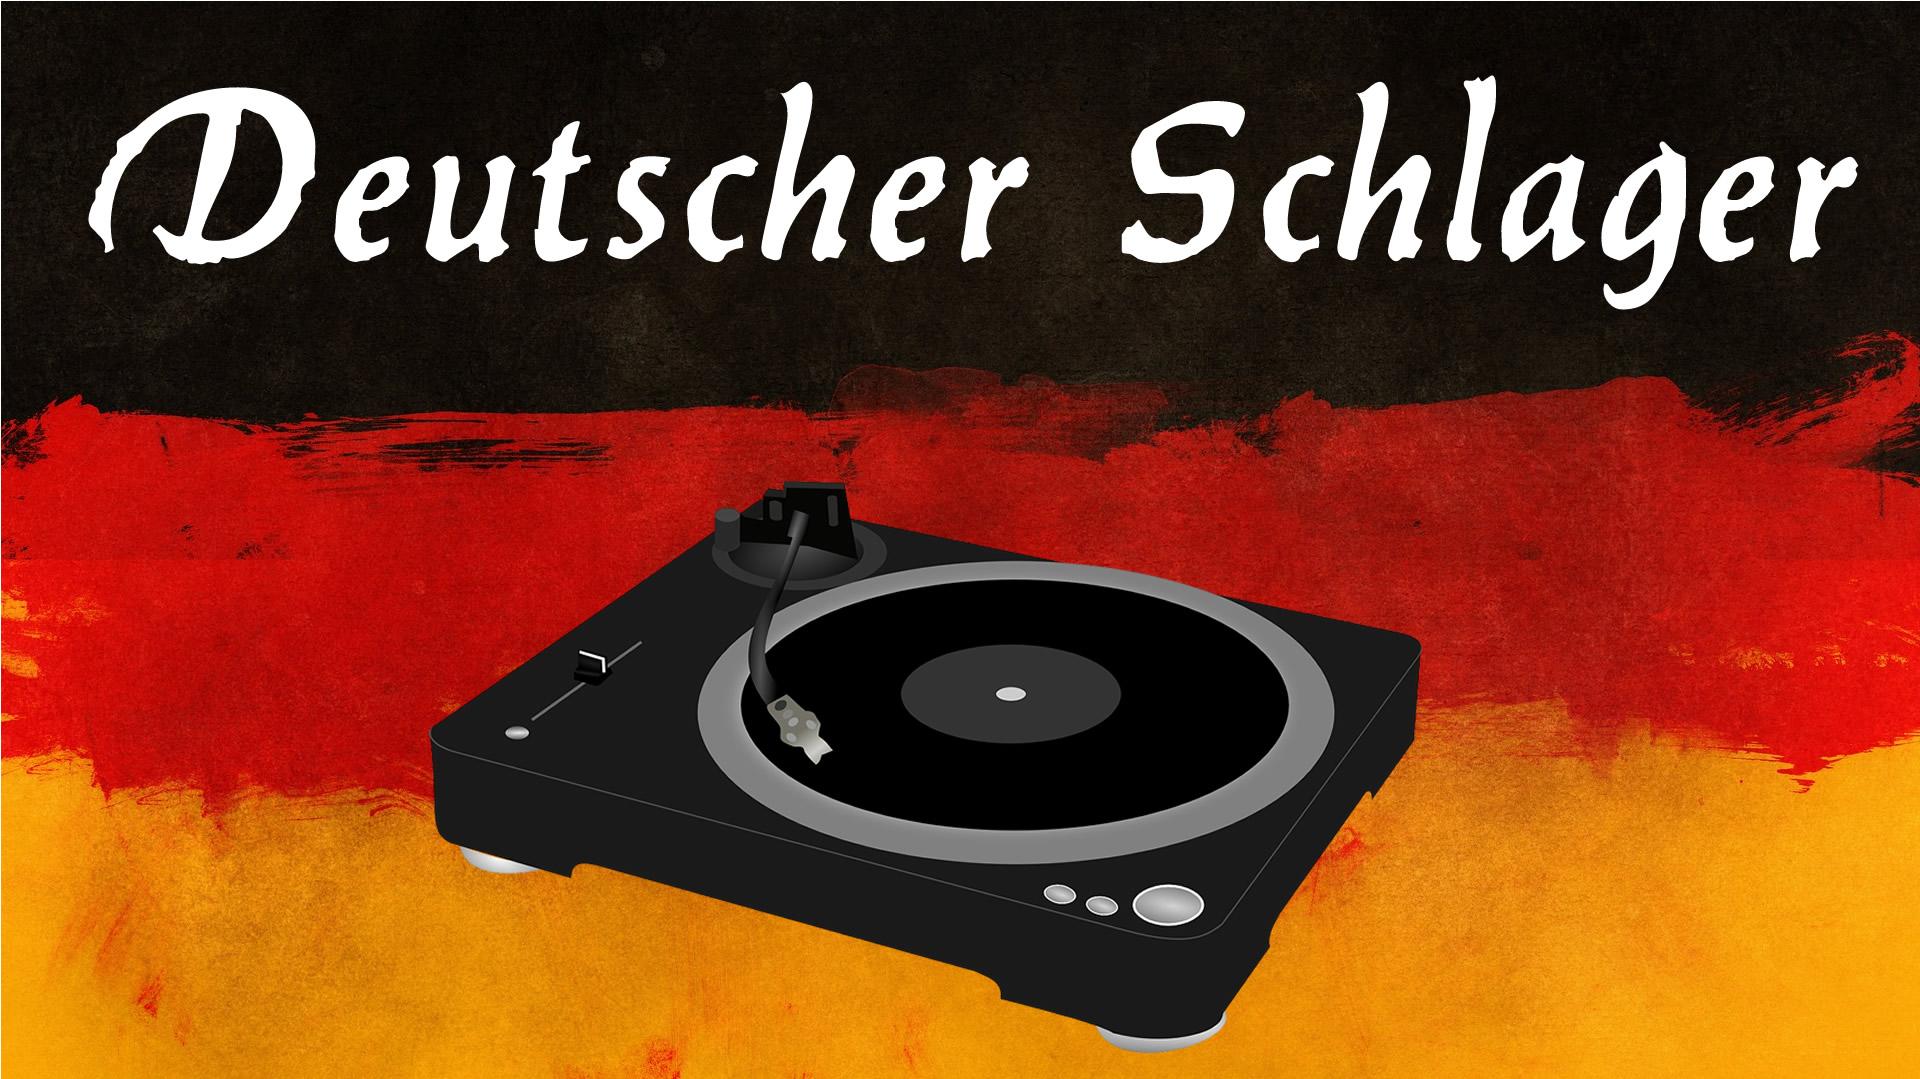 Deutscher Schlager Videos